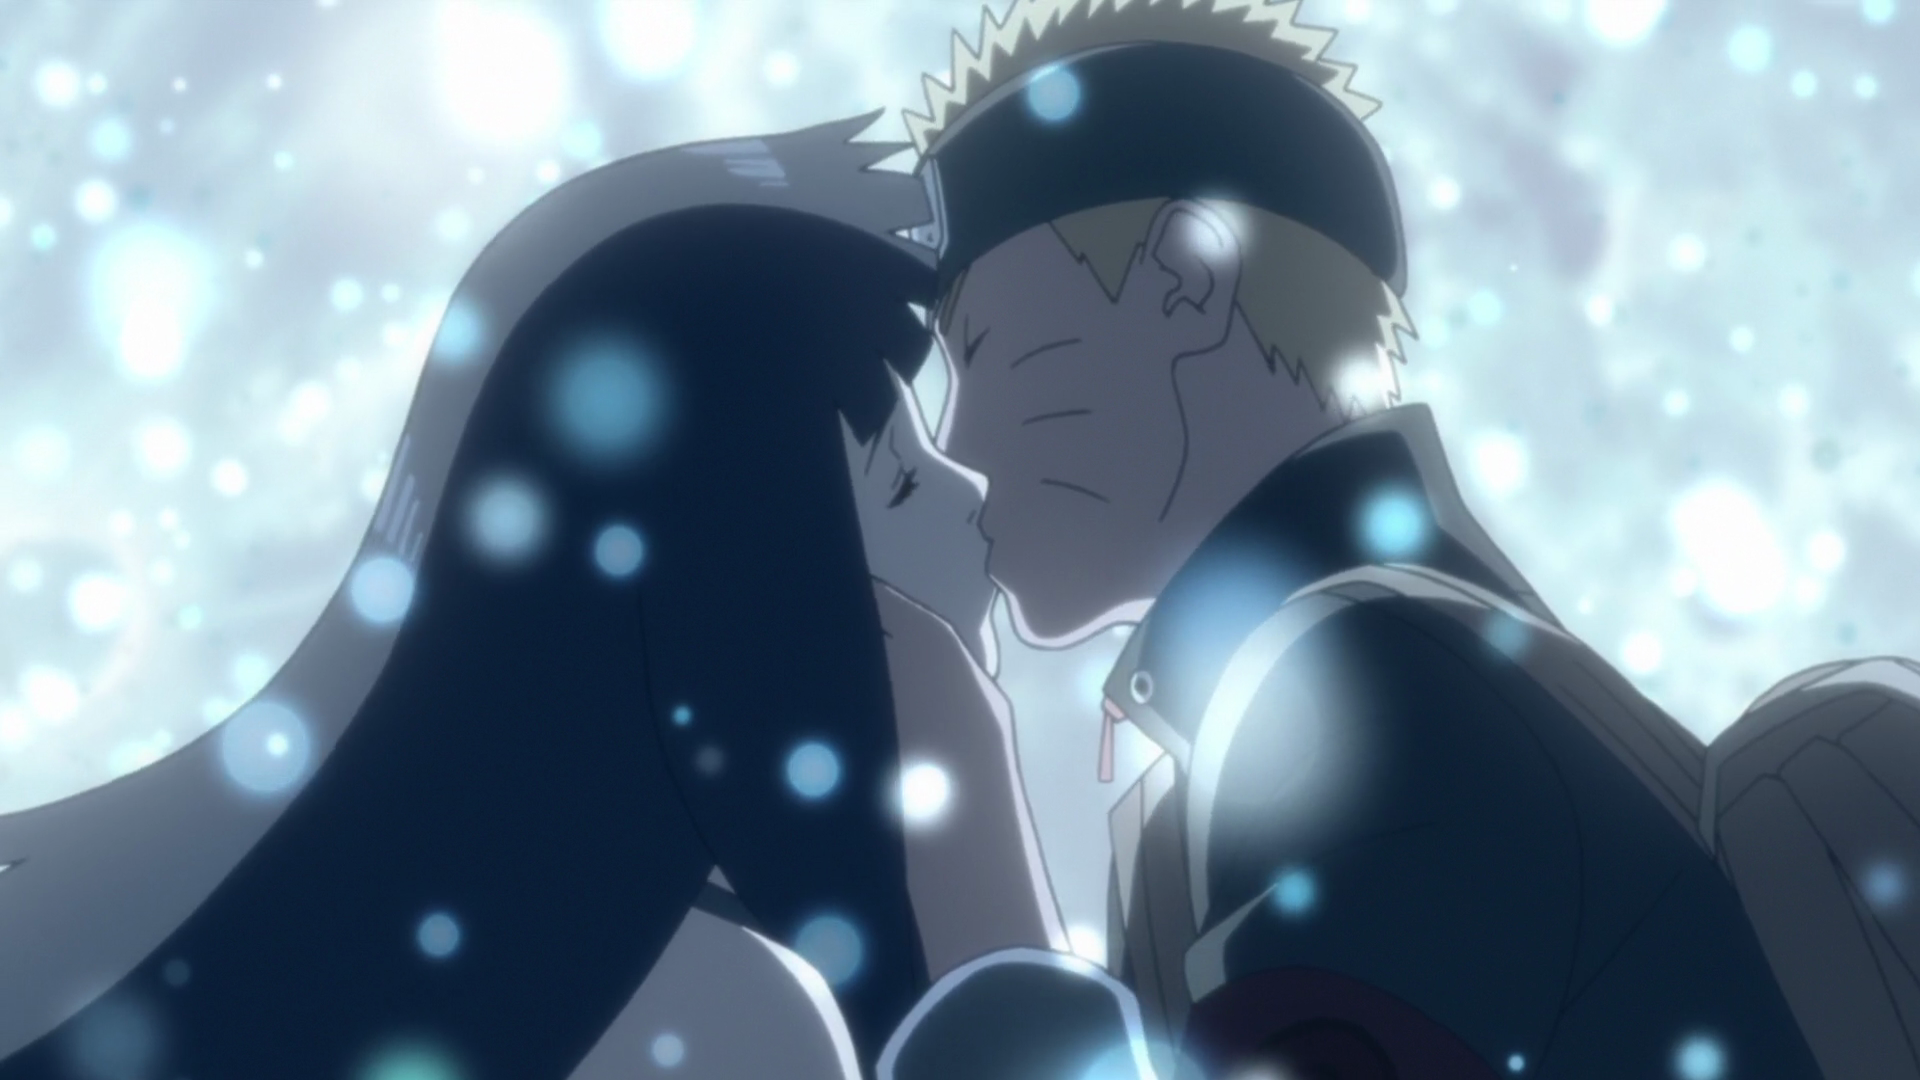 Naruto Hinata Kiss Hd Free Wallpaper Backgrounds